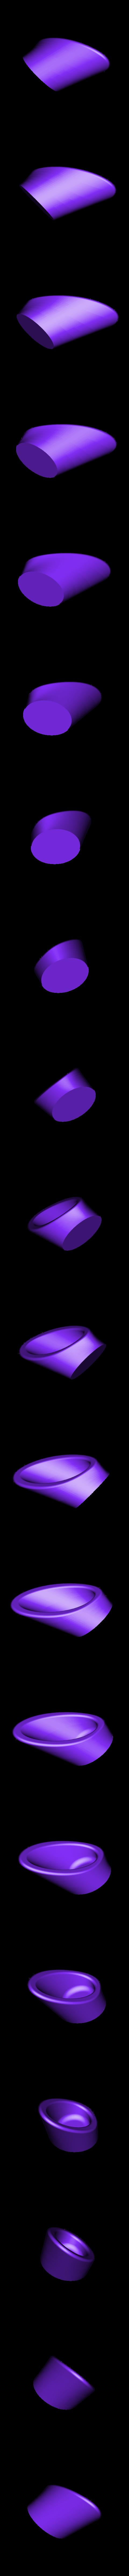 Assem stand test - 0 assem colony transporter-1 7 front side vector thruster L-1.STL Download free STL file Colony Transporter model kit 1:72 • 3D printable template, 77LEE77